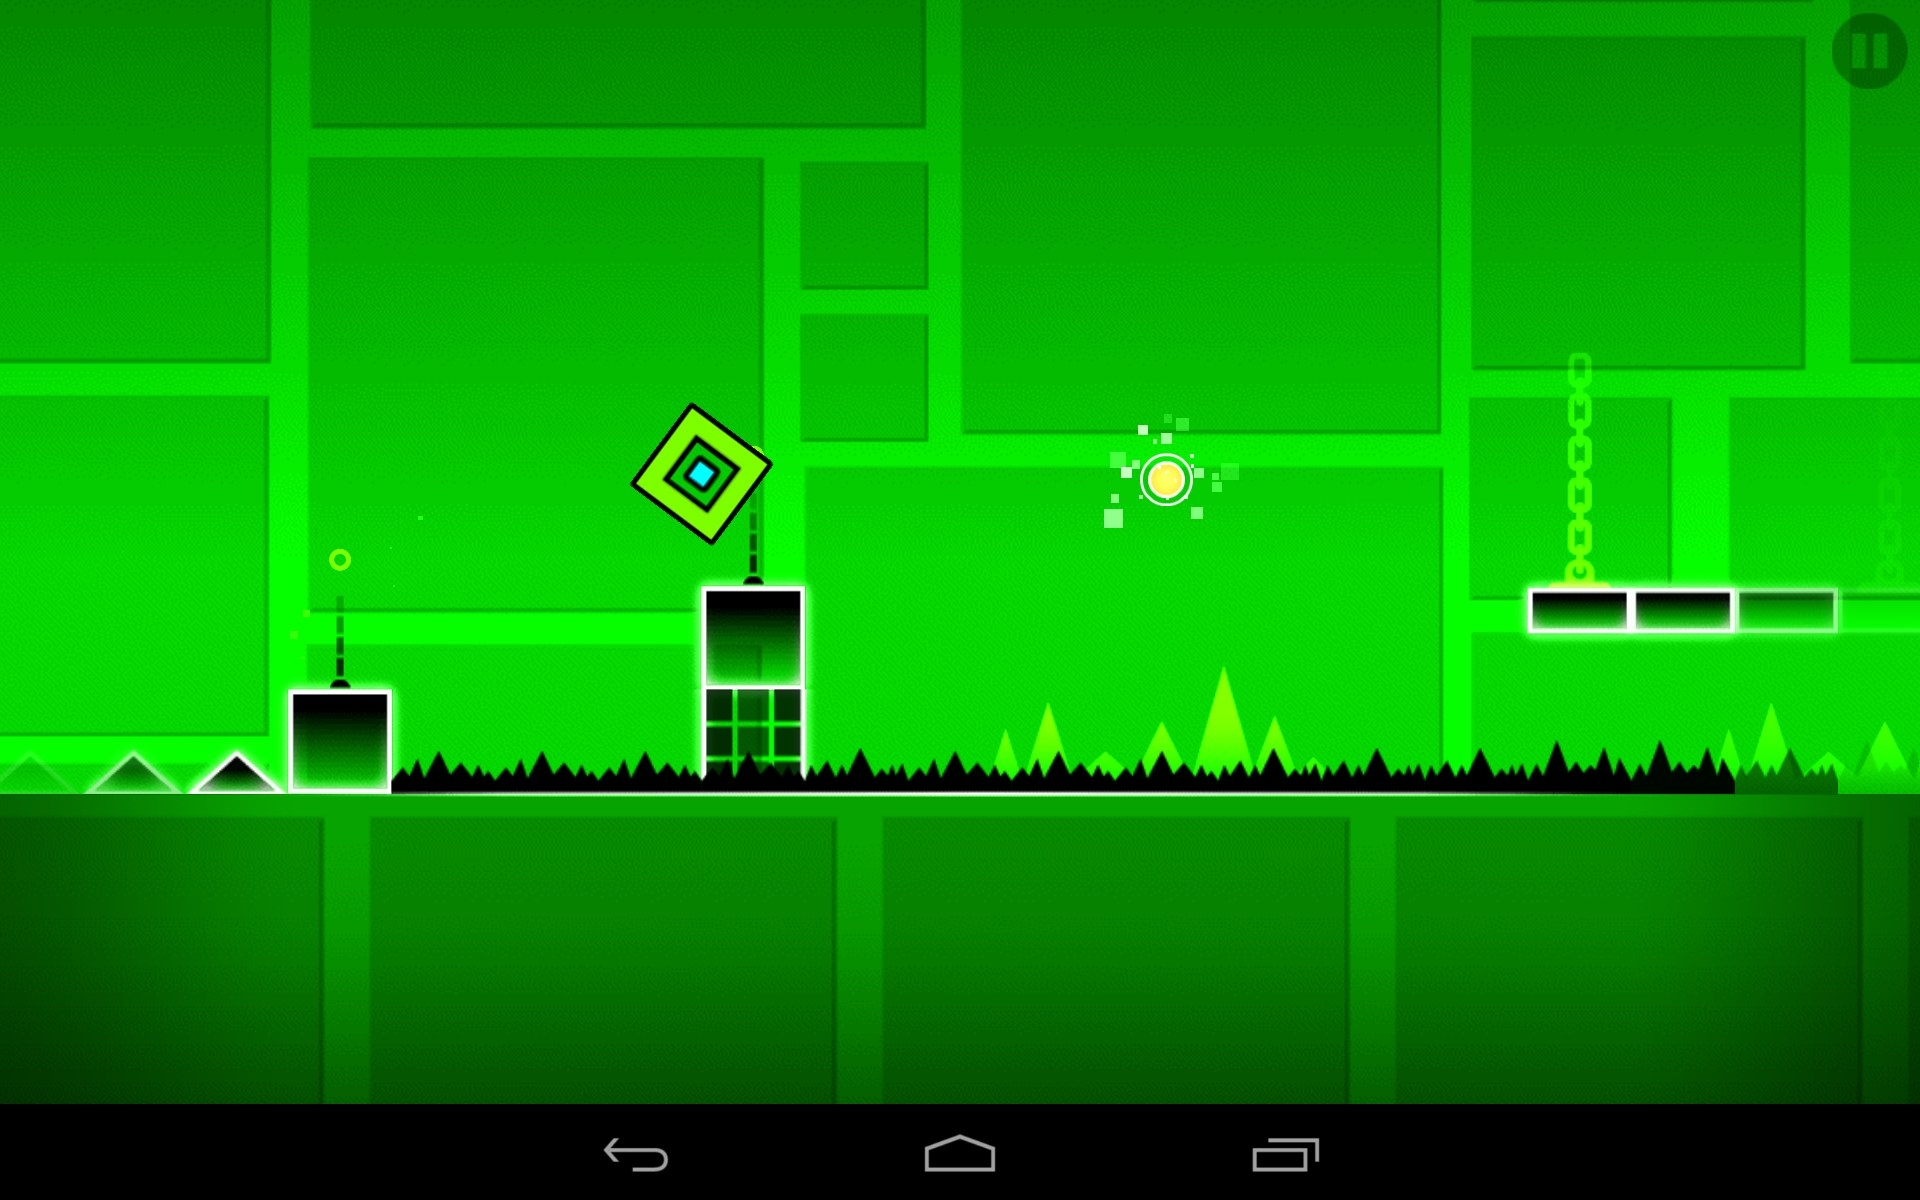 Скачать на андроид игру геометрия даш